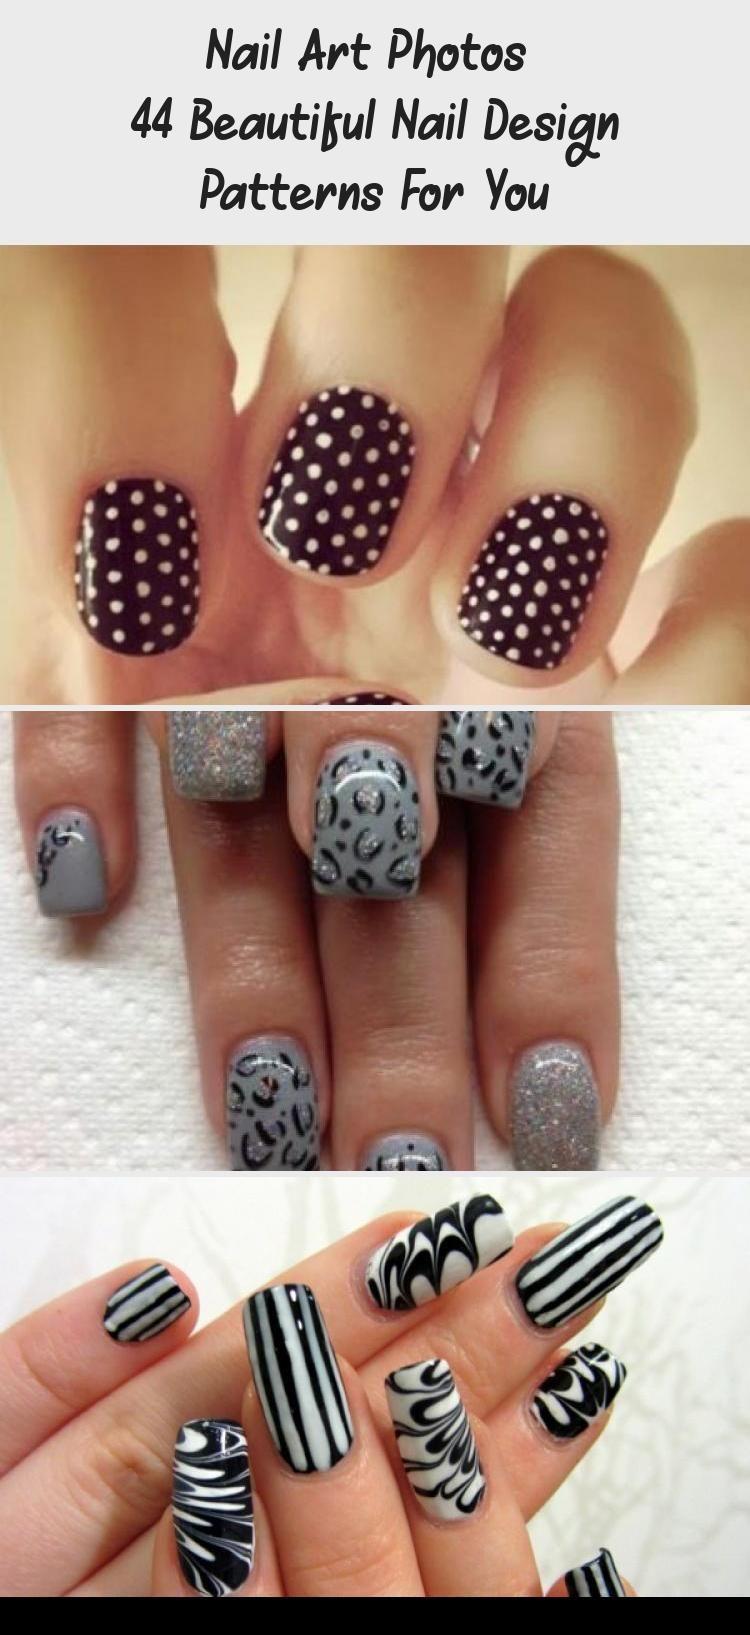 Nail Art Fotos 44 Schone Nagel Design Muster Fur Sie Haut Nagelpflege In 2020 Nagelpflege Spitzennagel Zehennageldesign